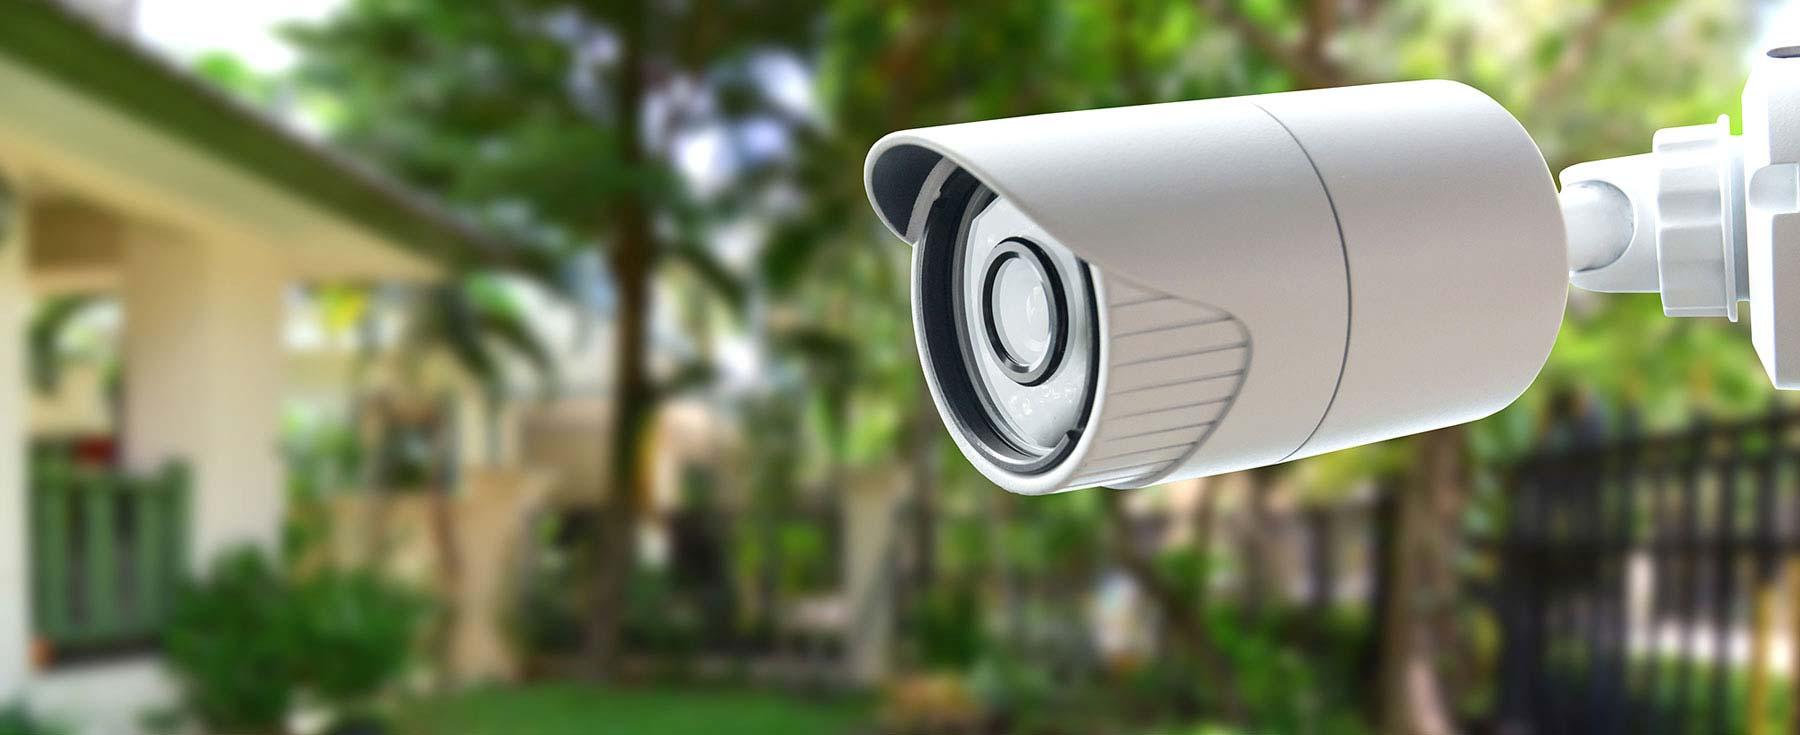 Domotique - Sécurité, surveillance, détecteurs